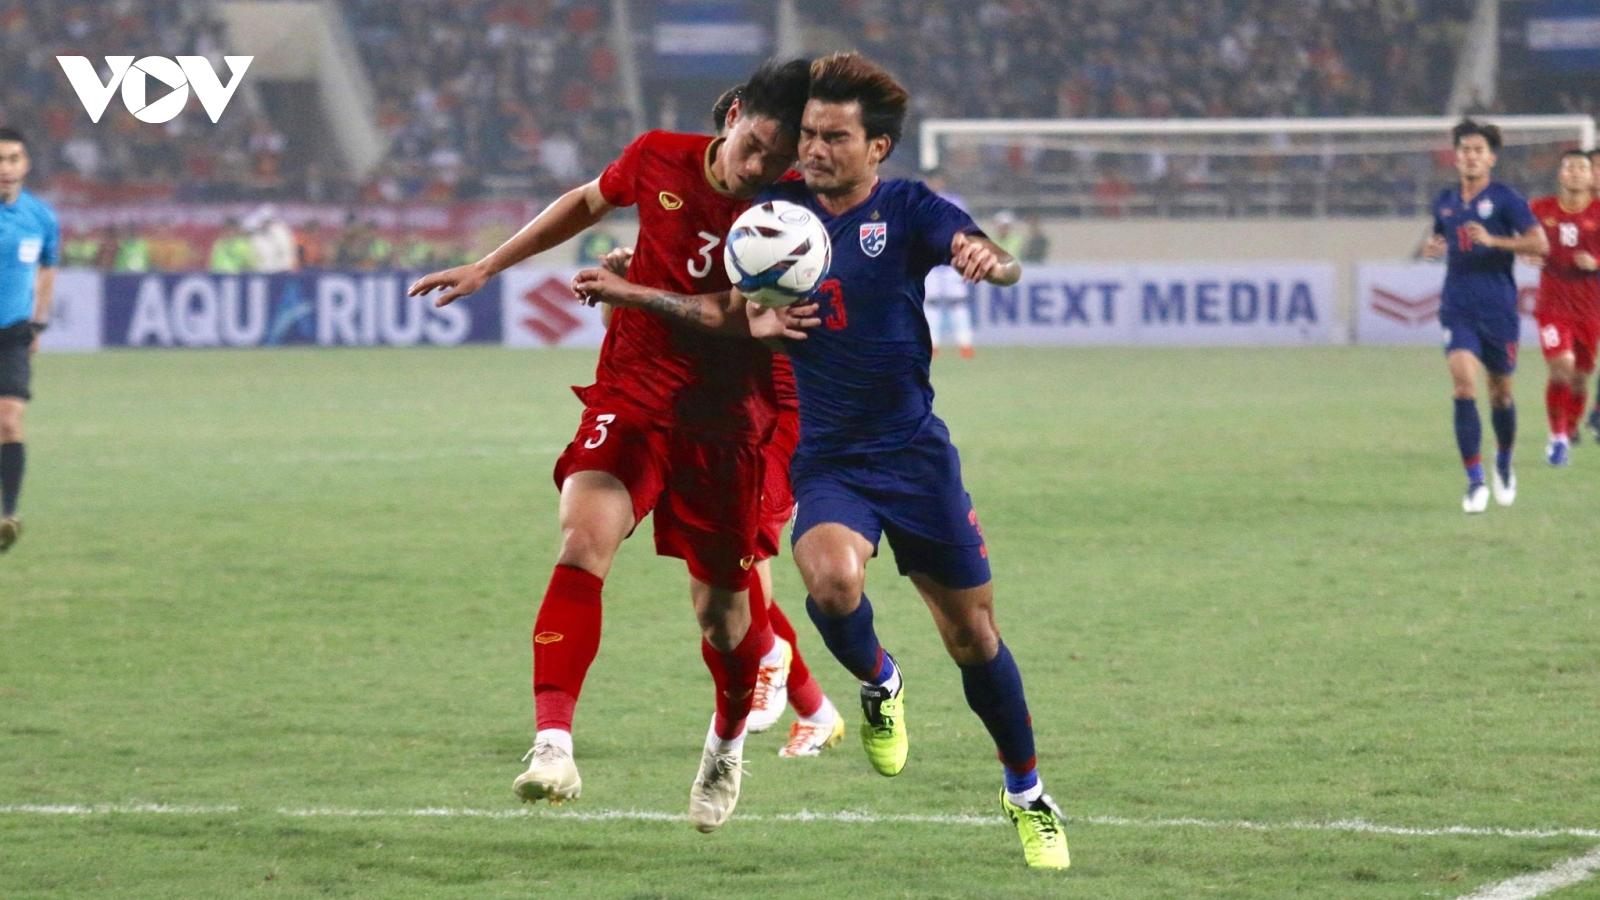 Thái Lan chính thức rút đăng cai vòng loại U23 châu Á 2022